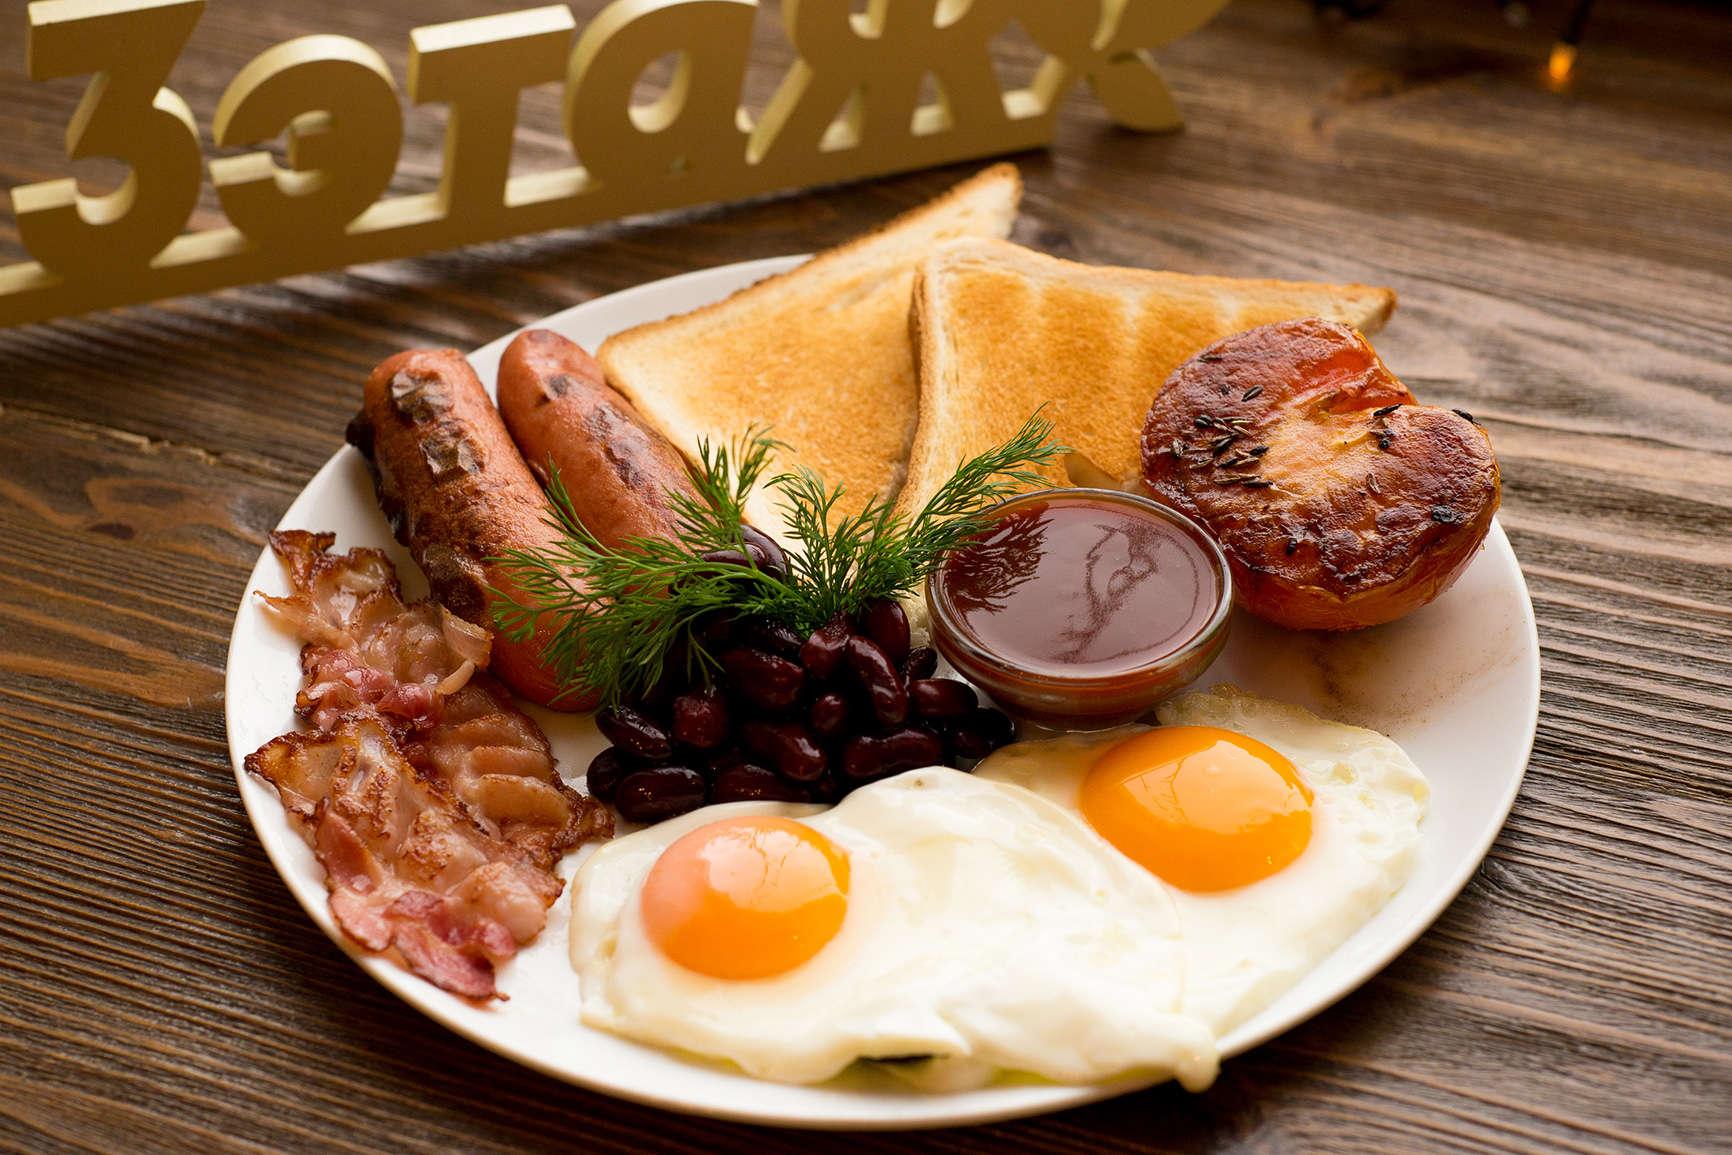 Завтраки в Орле с 8-00 в кафе 3 ЭТАЖ